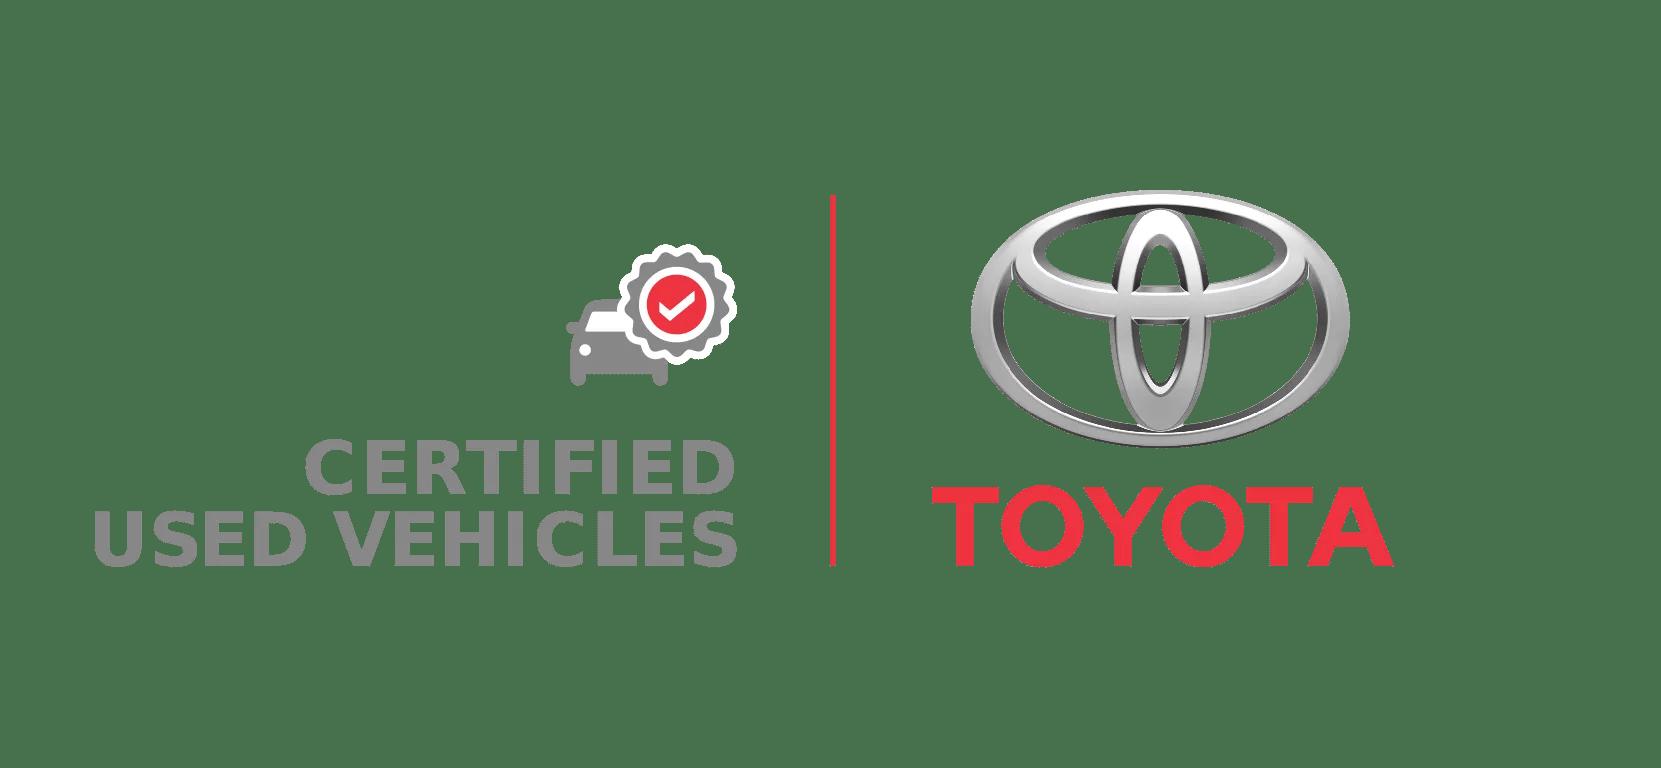 Certified Honda cars at Longueuil Honda in Longueuil near